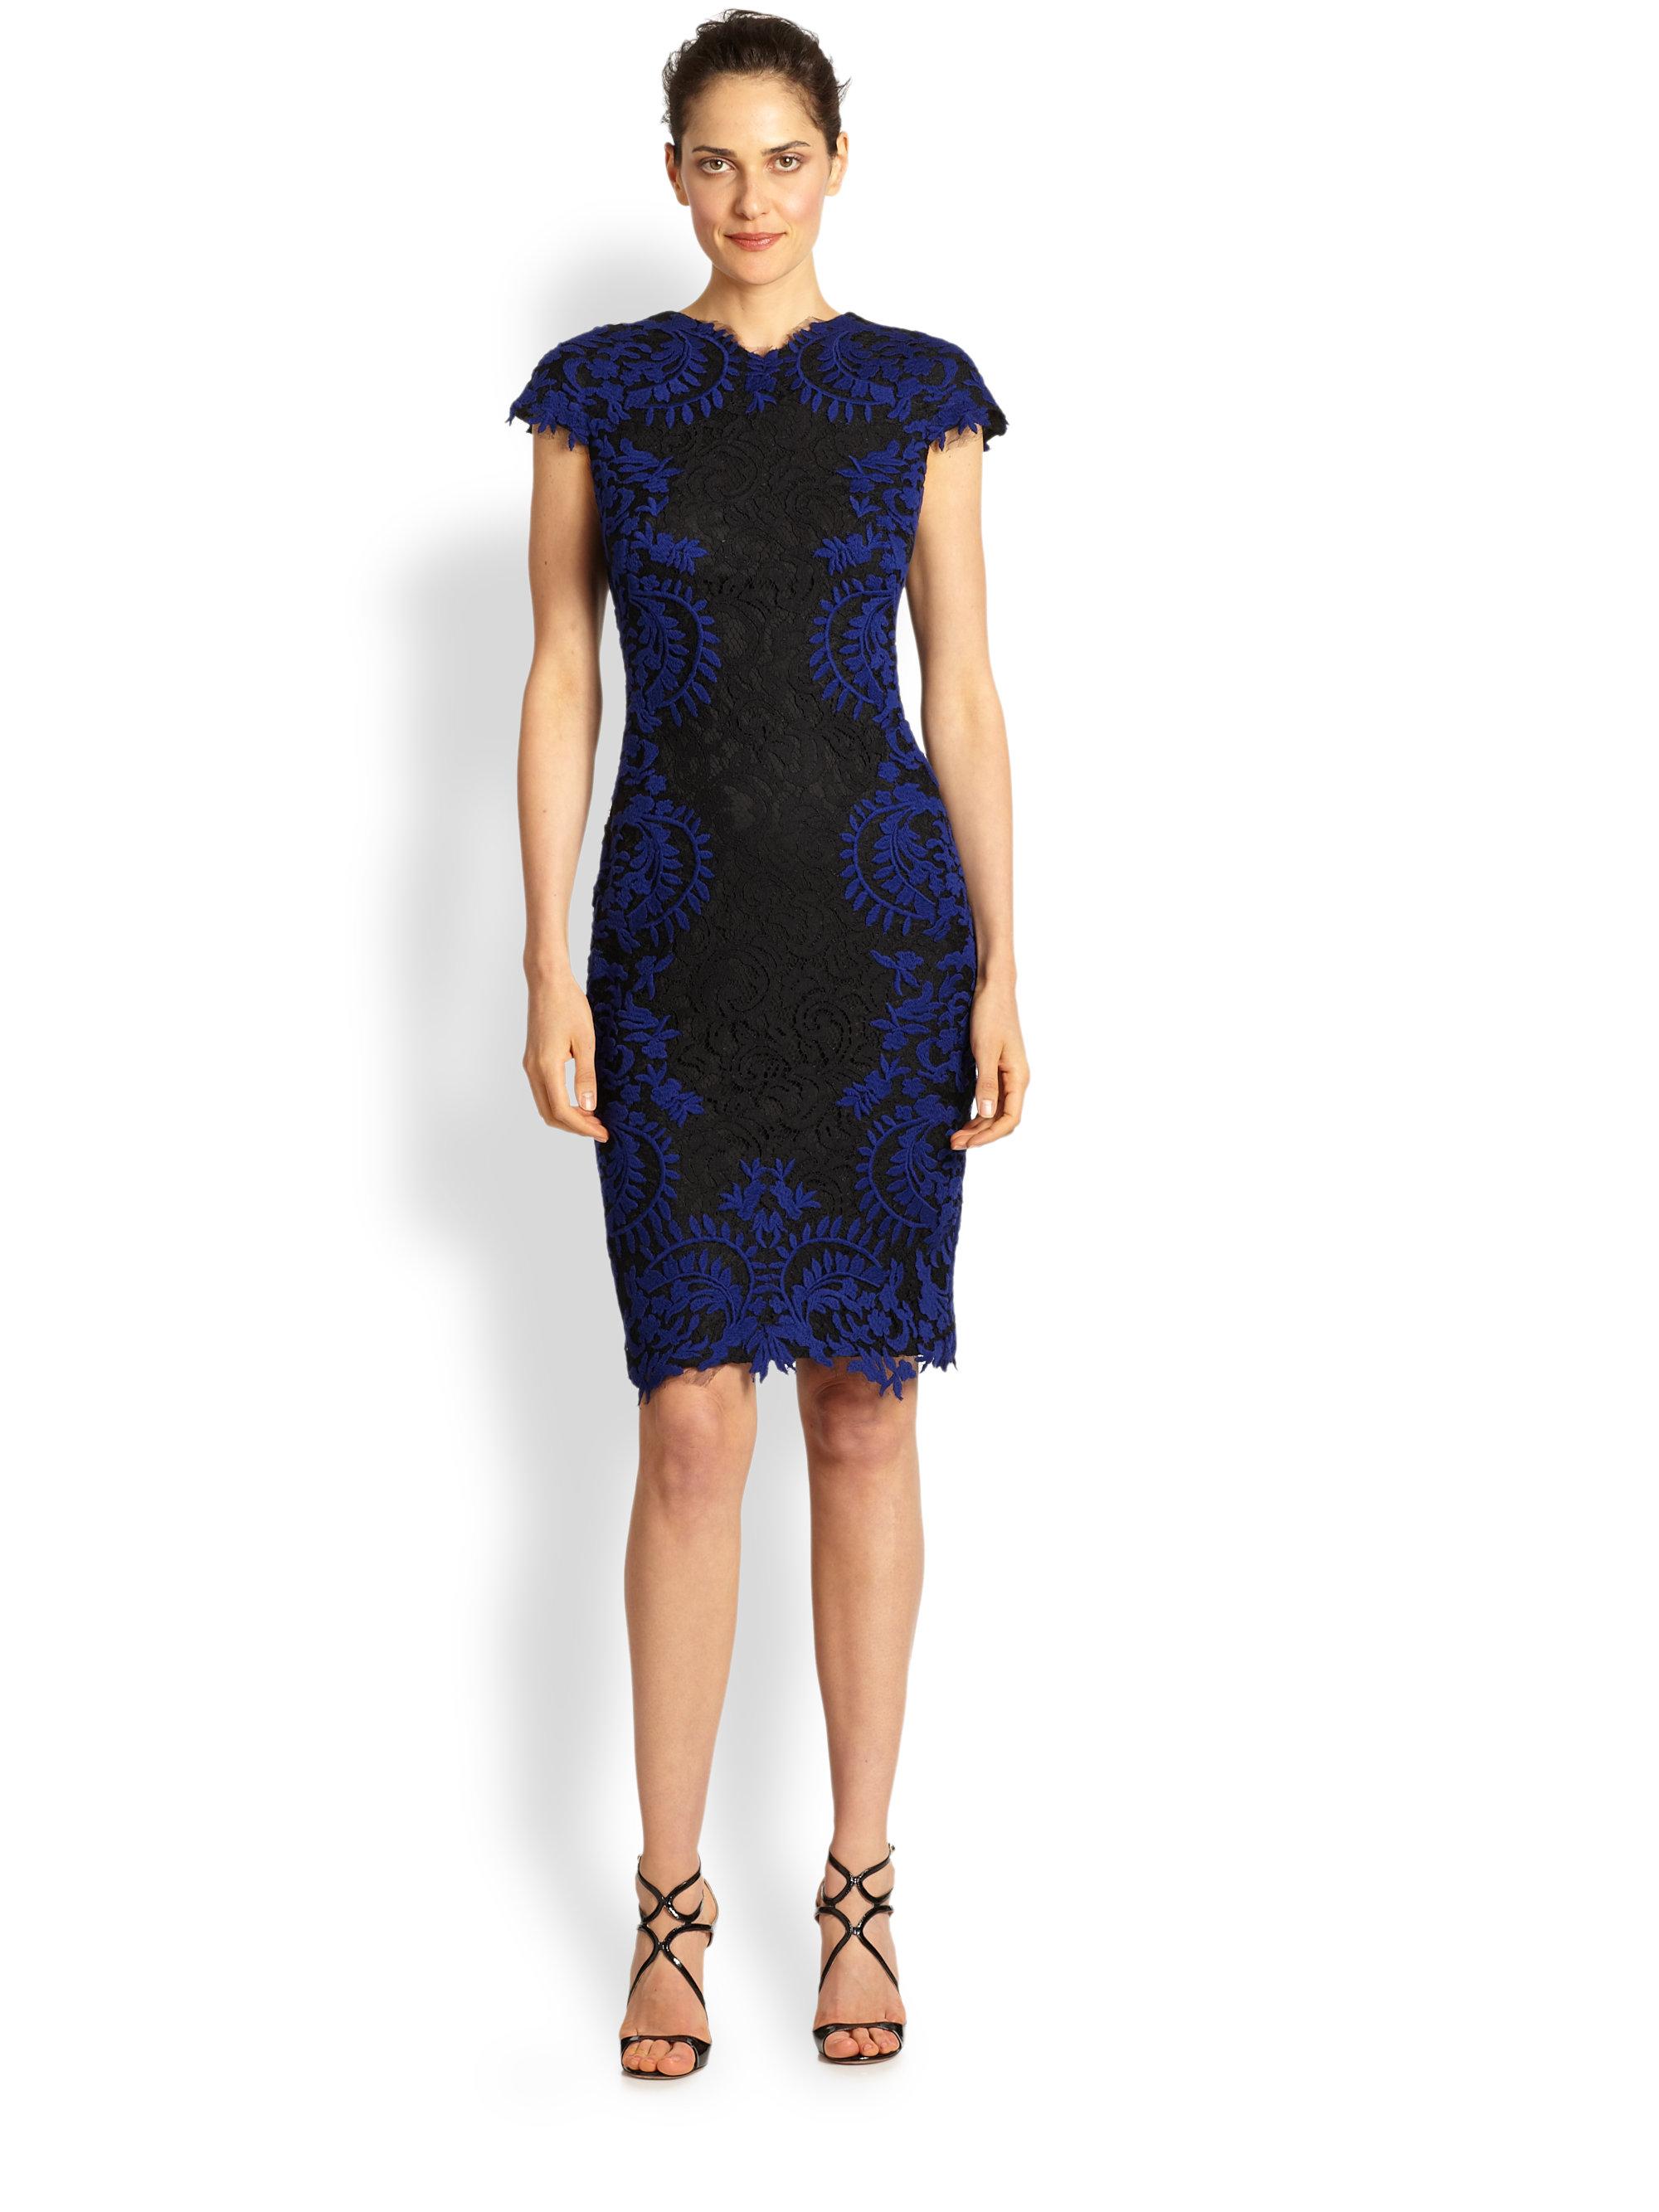 Saks Designer Evening Dresses